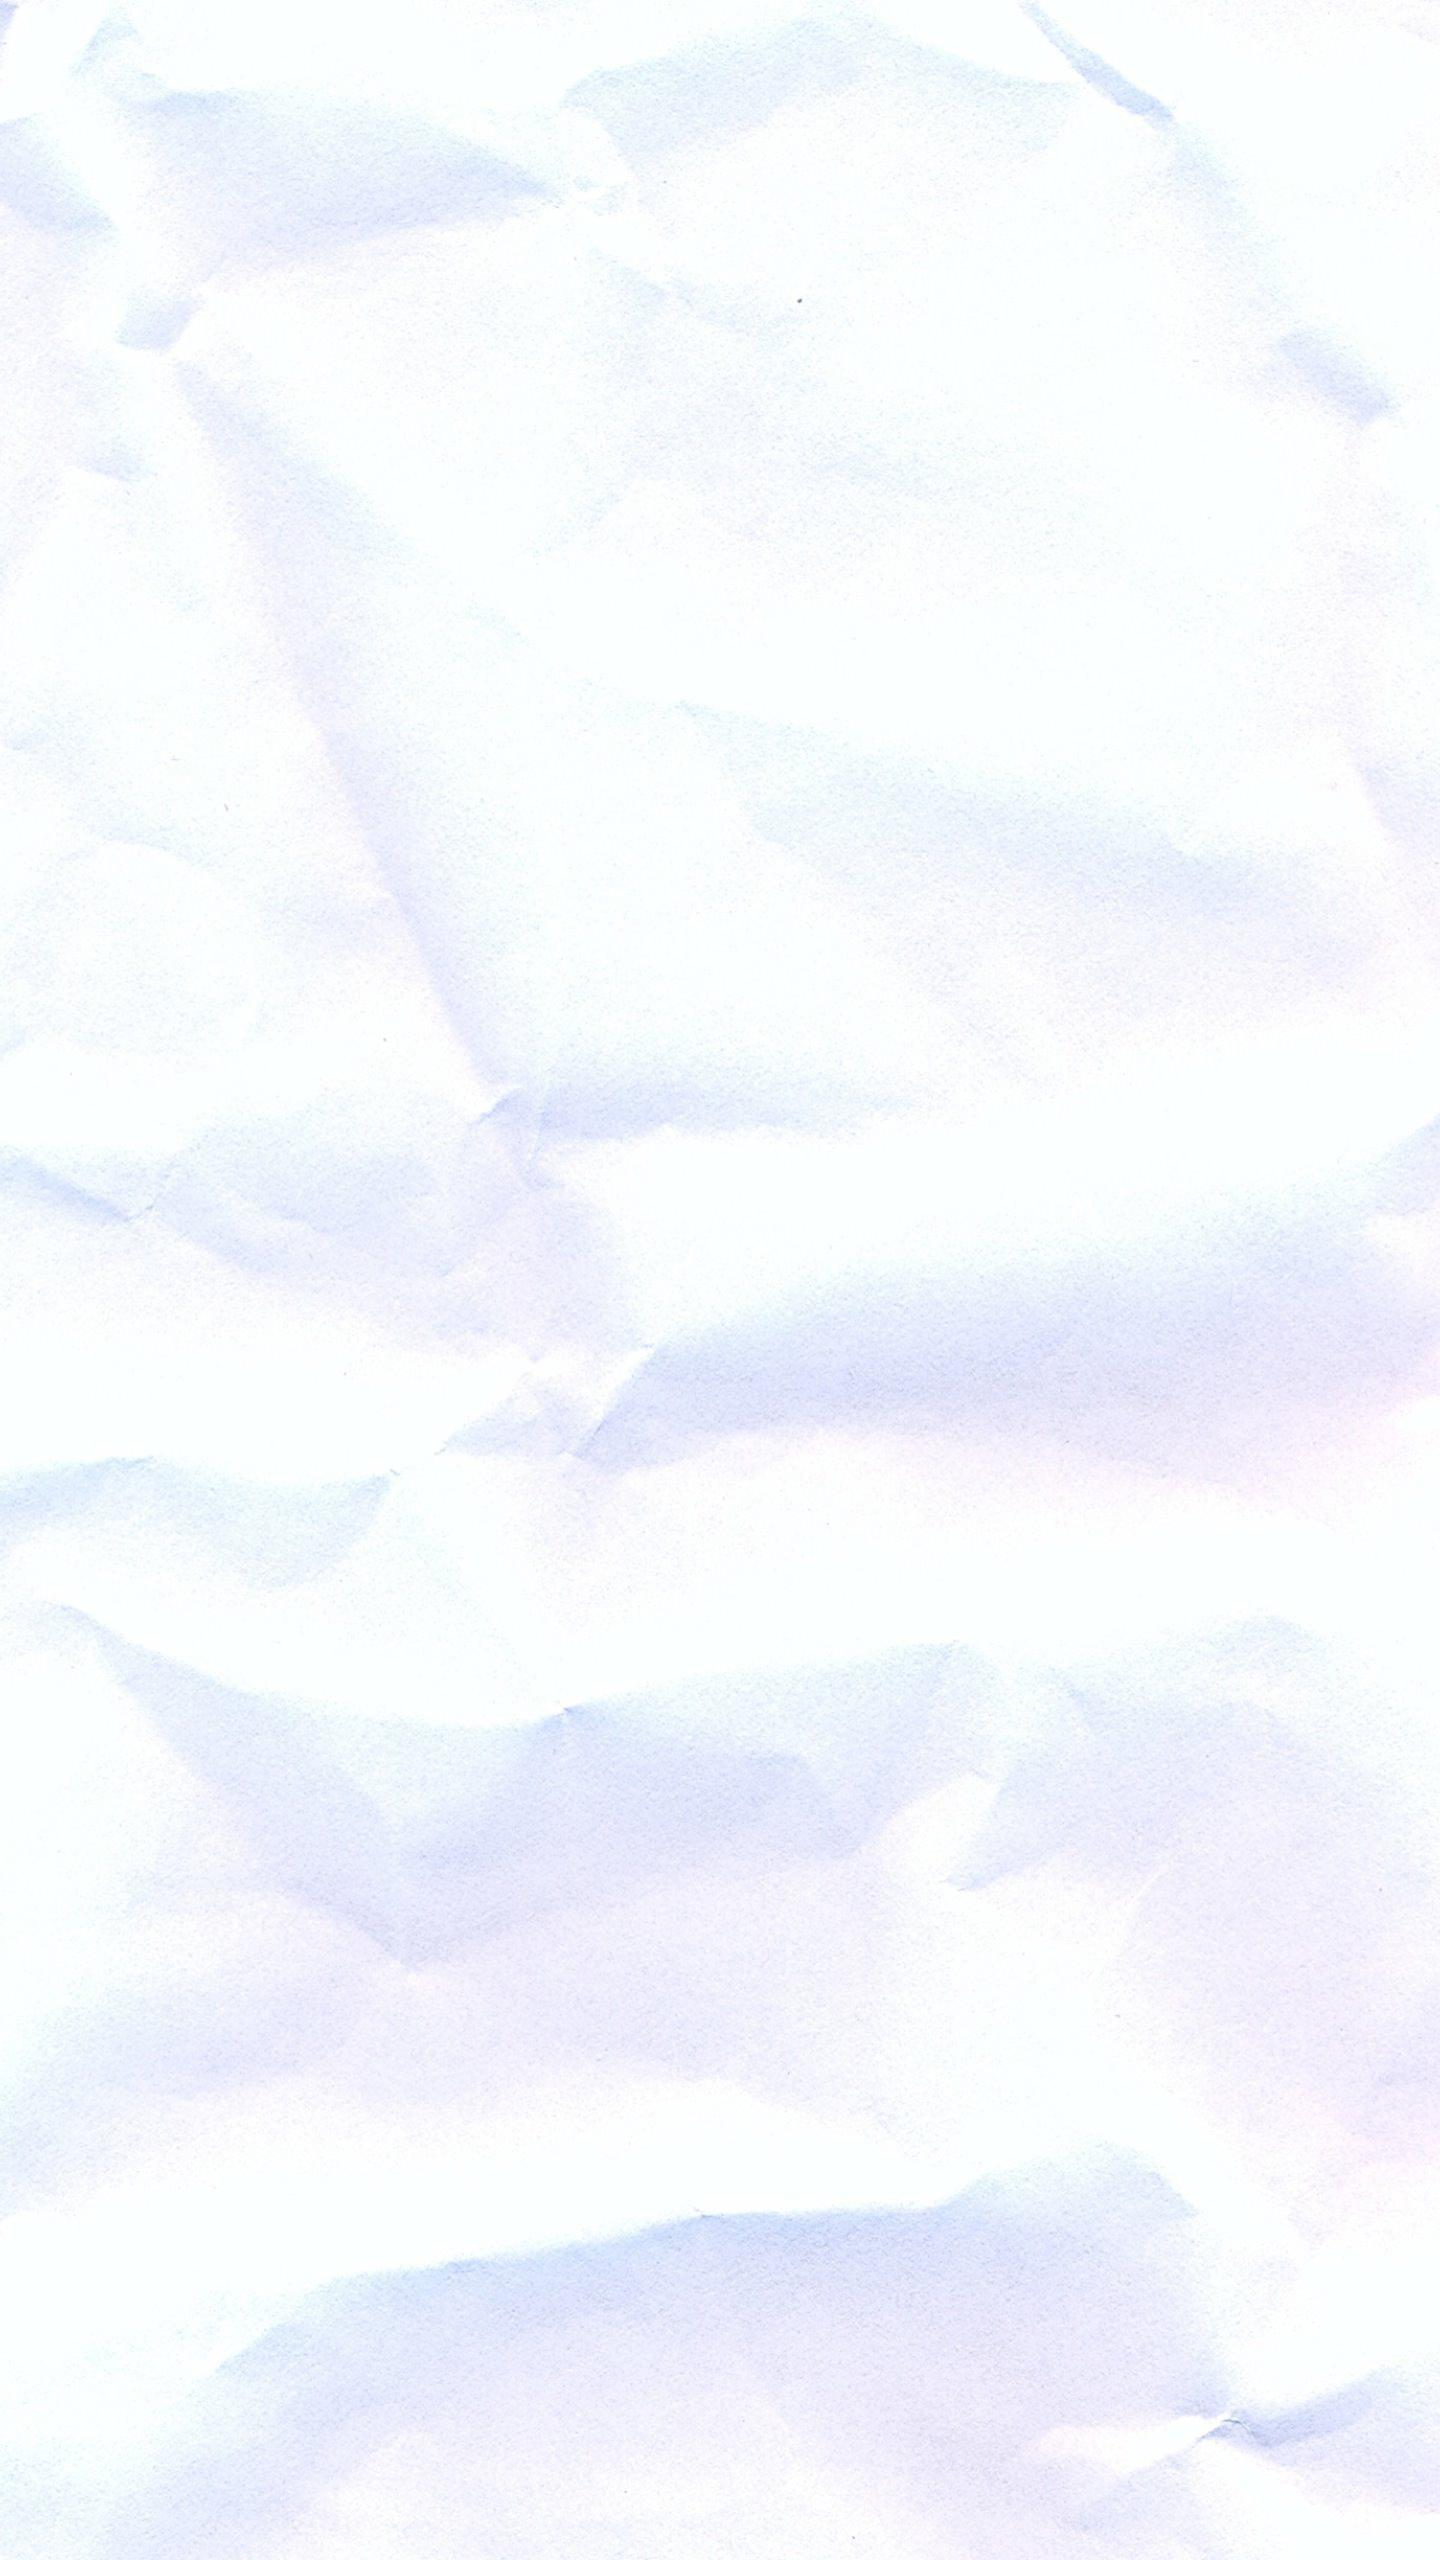 模様紙白 Wallpaper Sc スマホ壁紙